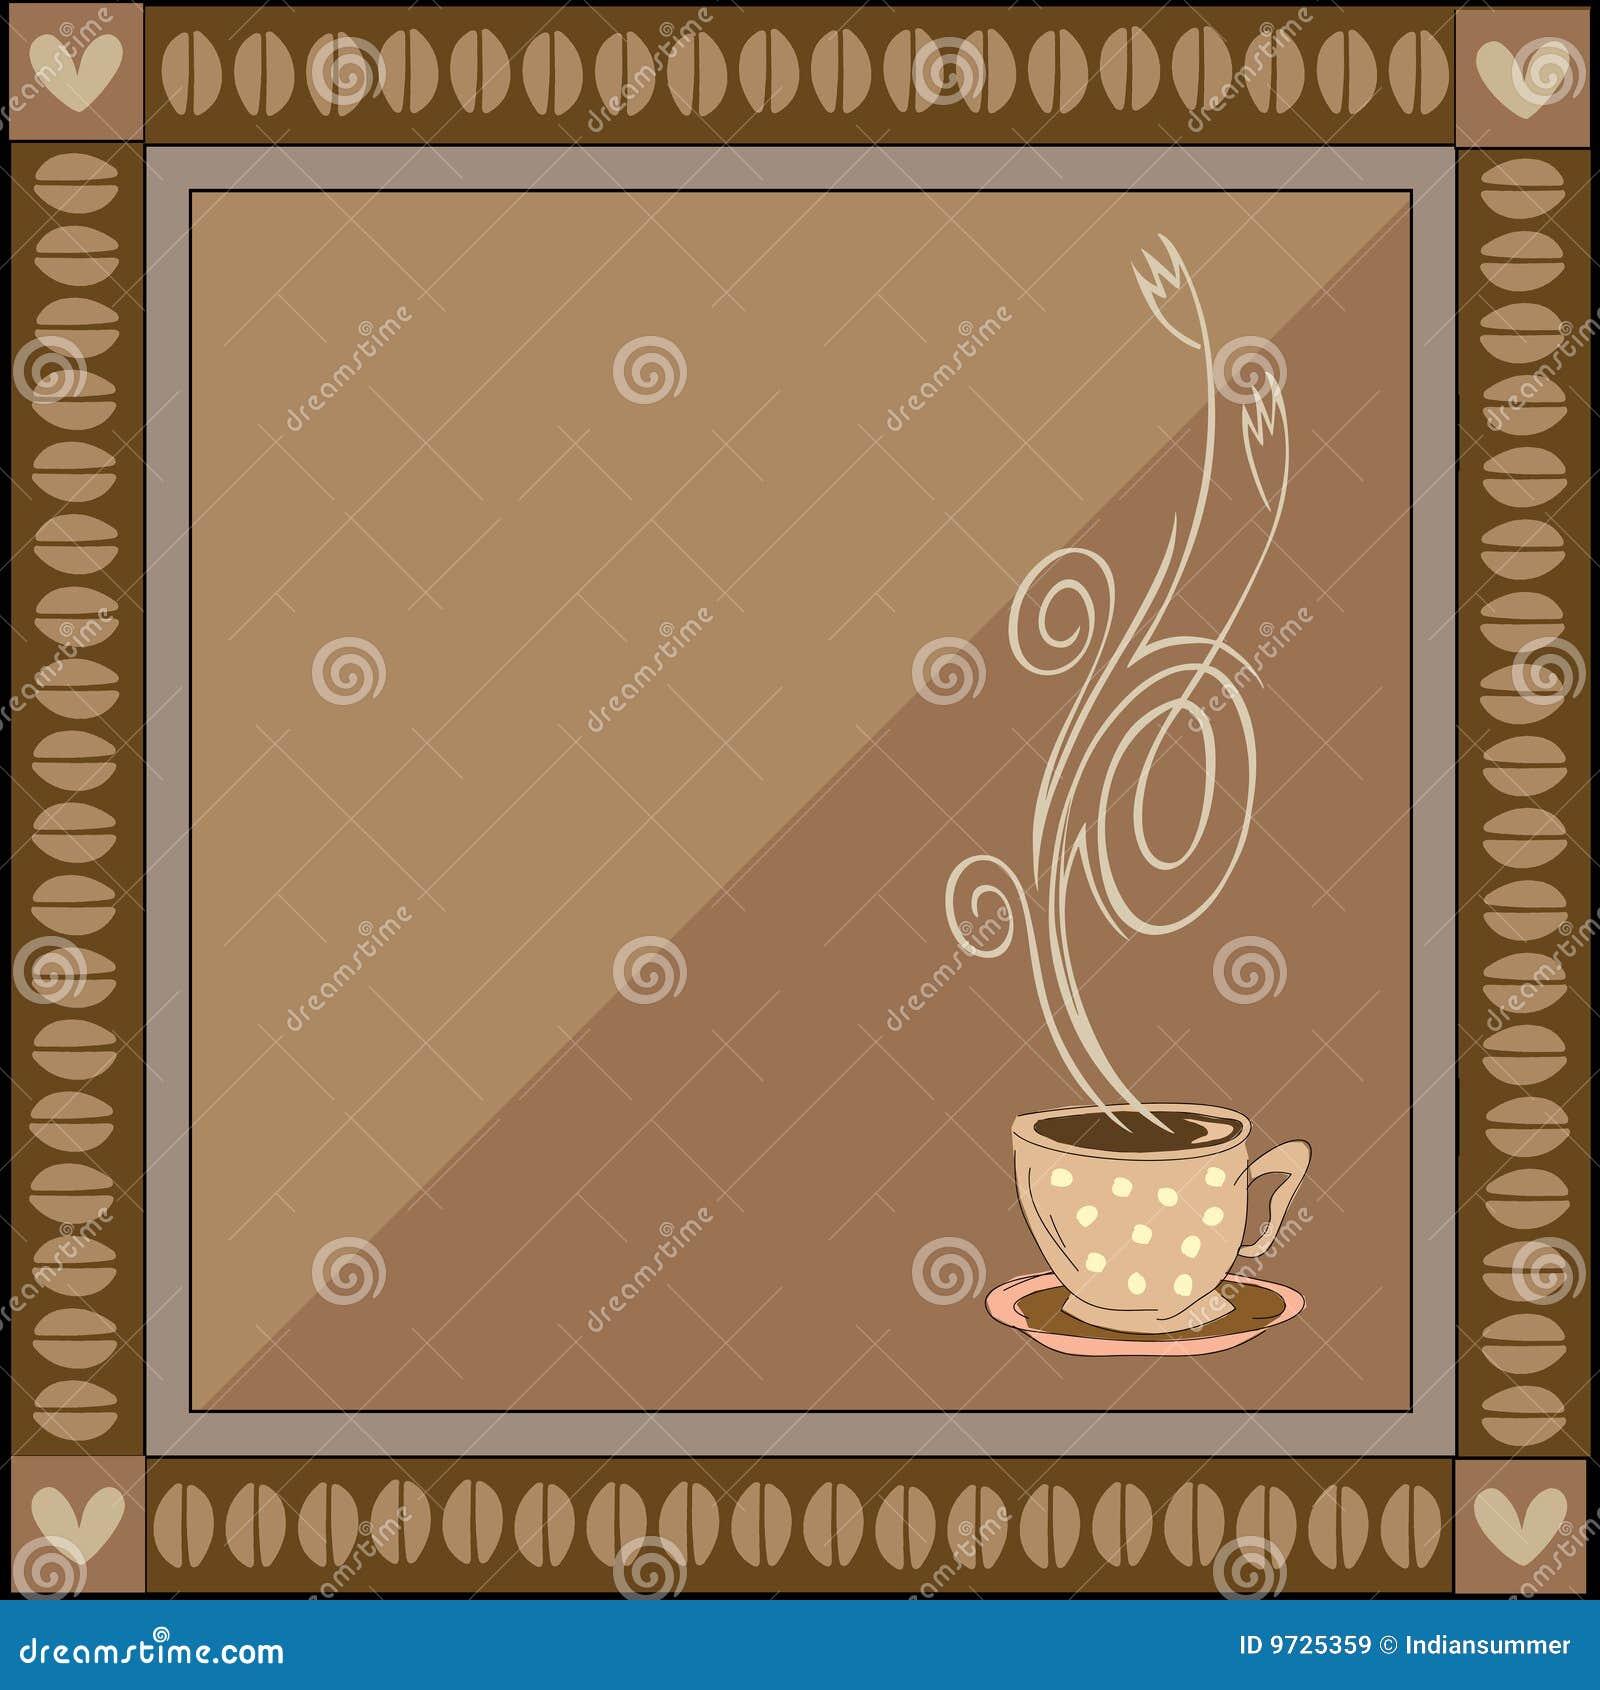 вектор иллюстрации кофе